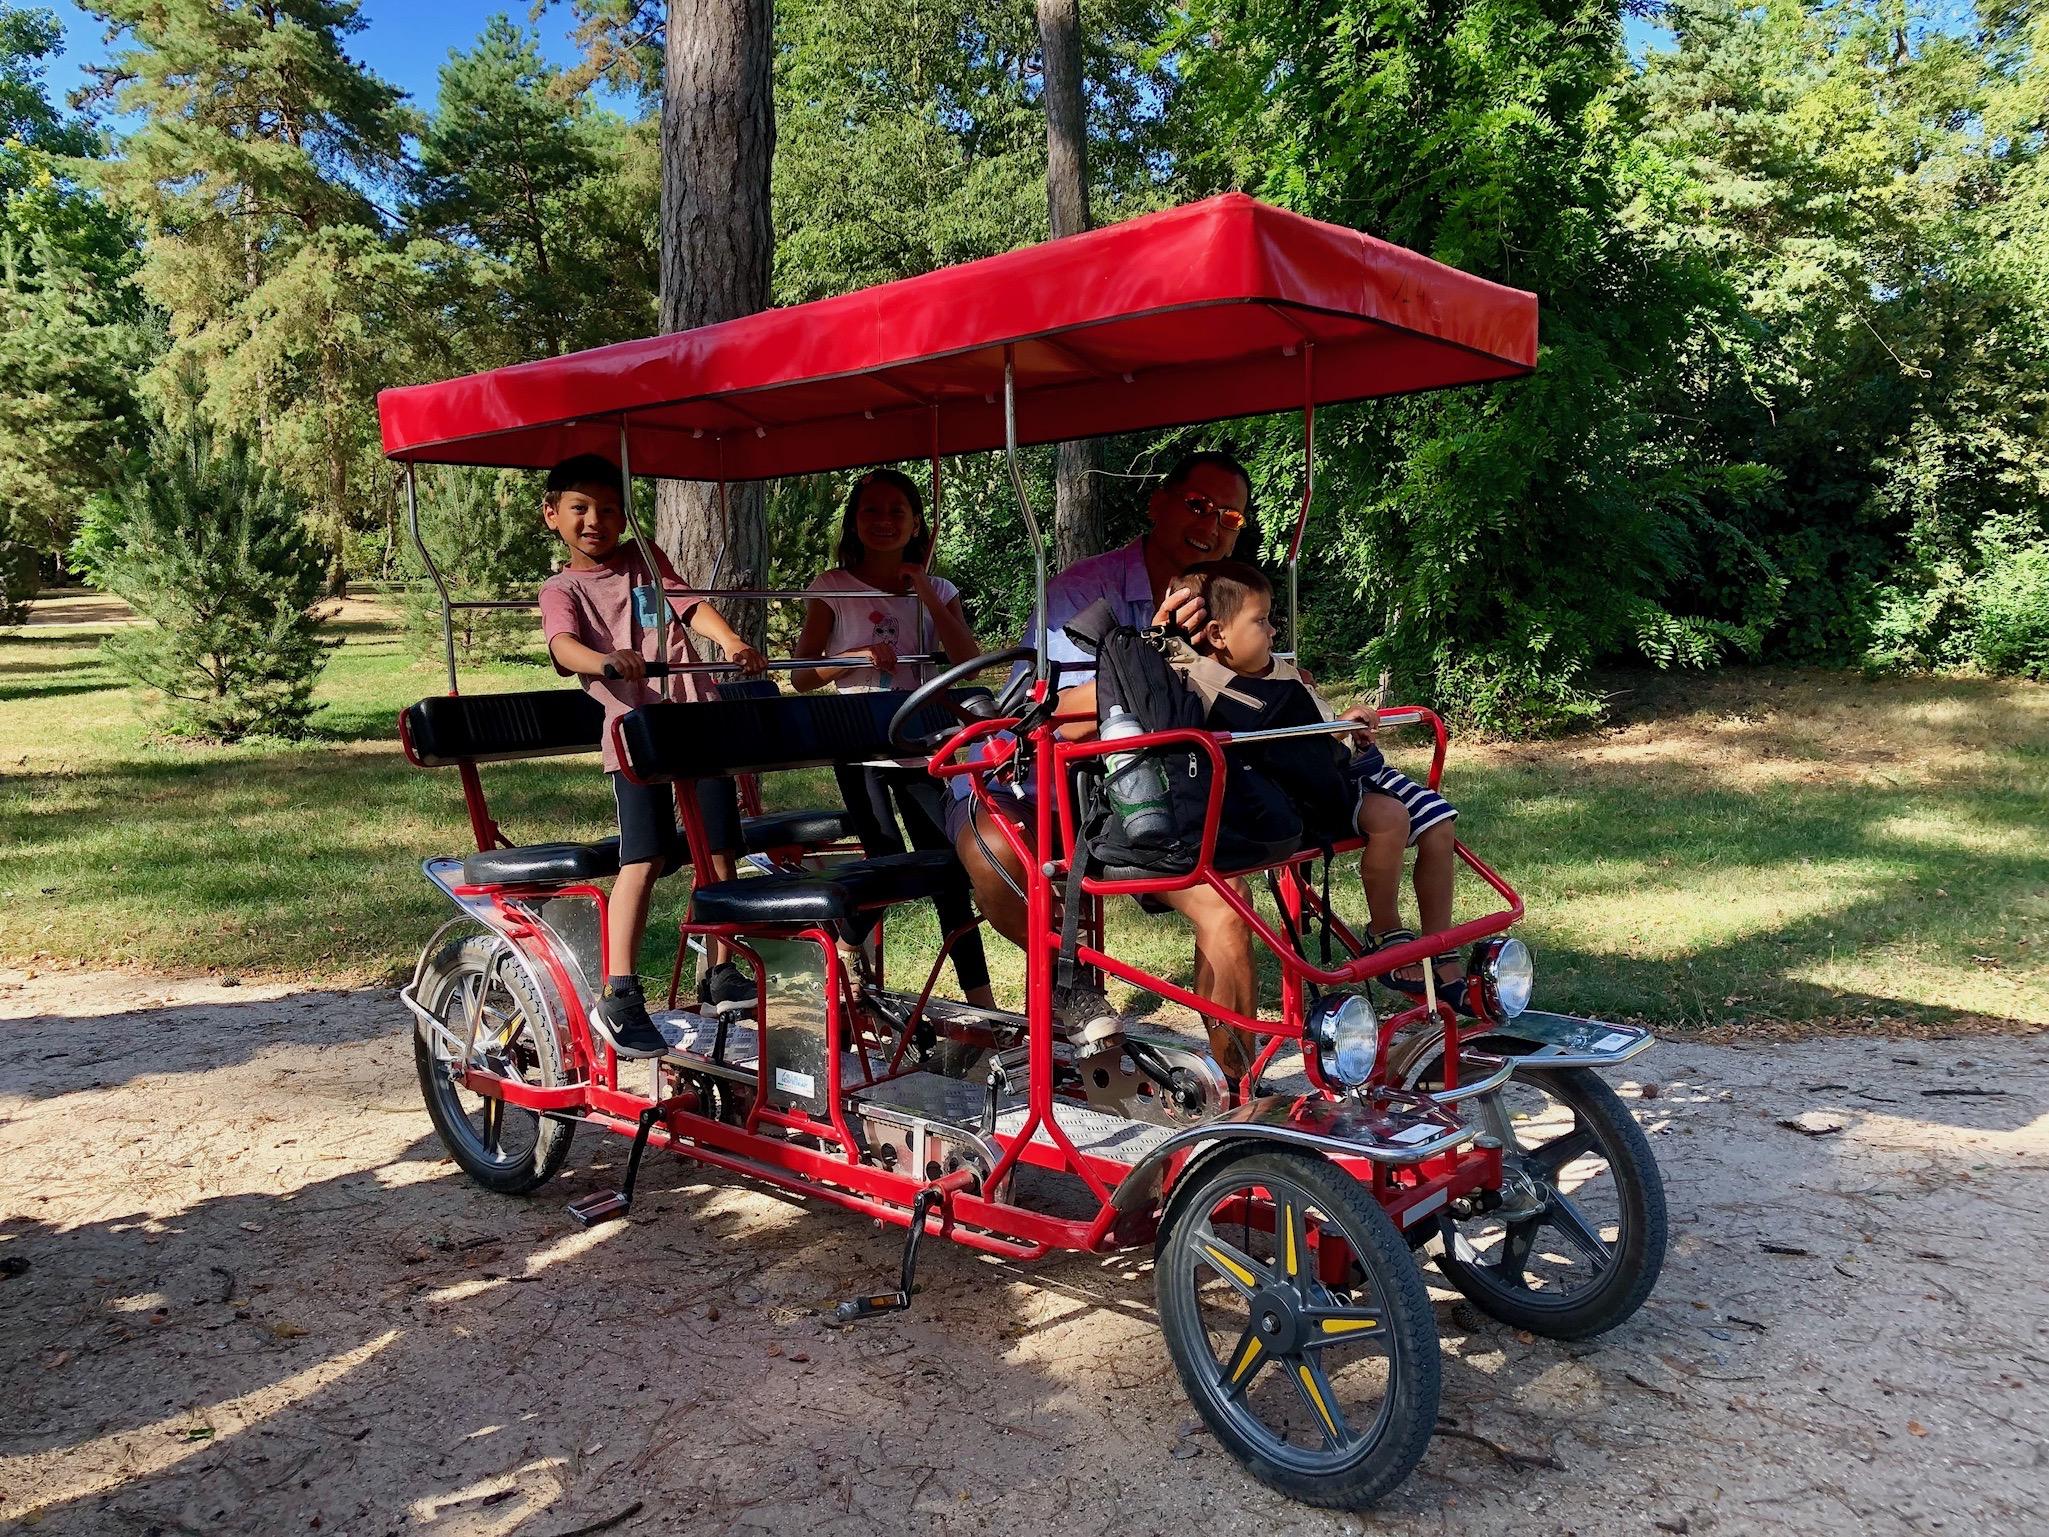 Ceci est une rosalie - Riding our rented pedal bike cart at the Parc Floral, Paris